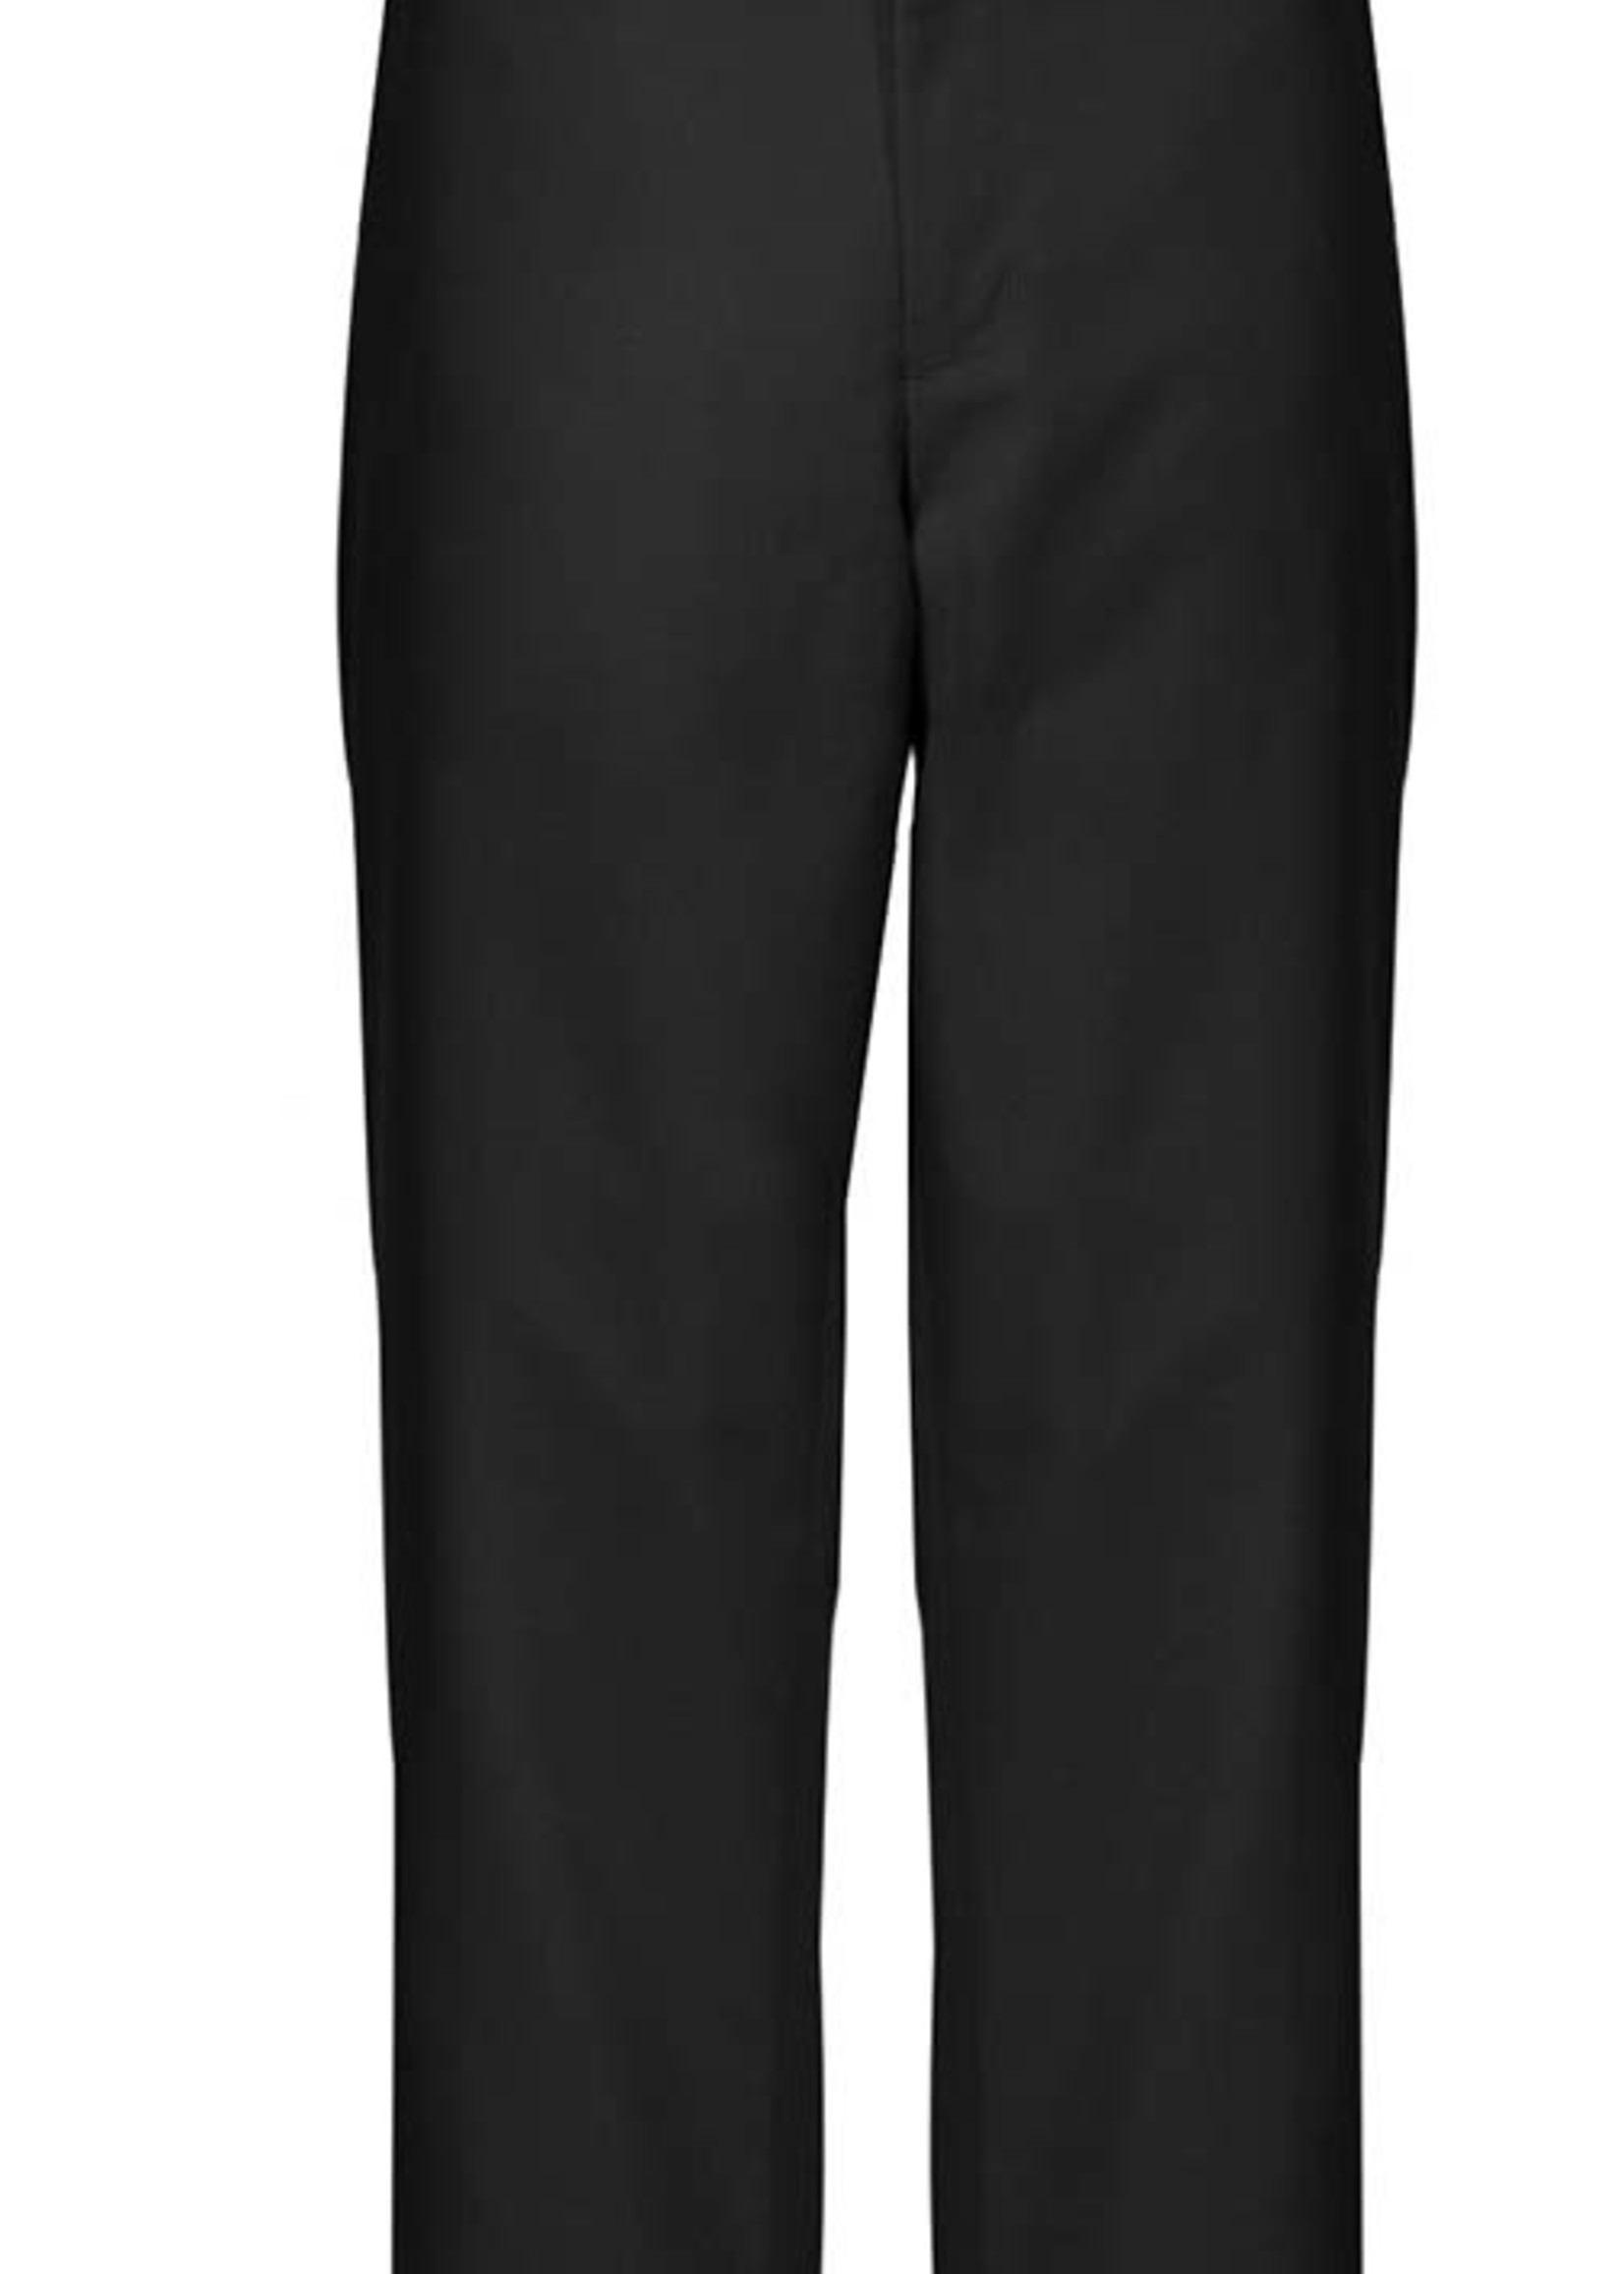 A+ Boys Black Flat Front Pants